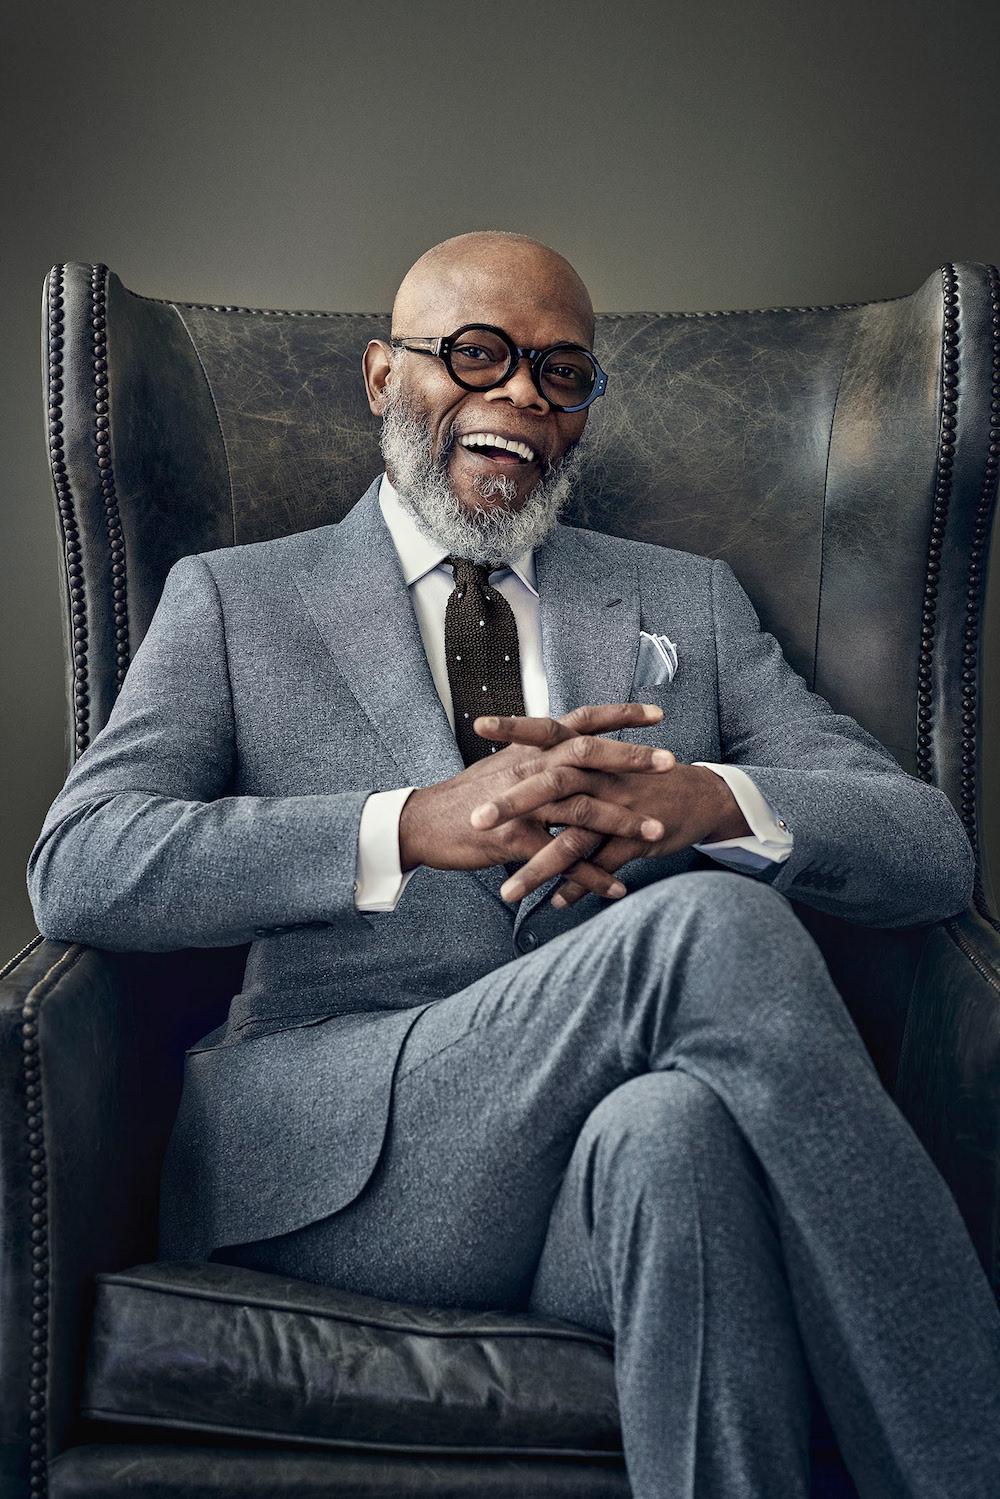 Samuel L. Jackson in serious fashionable photoshoot with Tomo Brejc